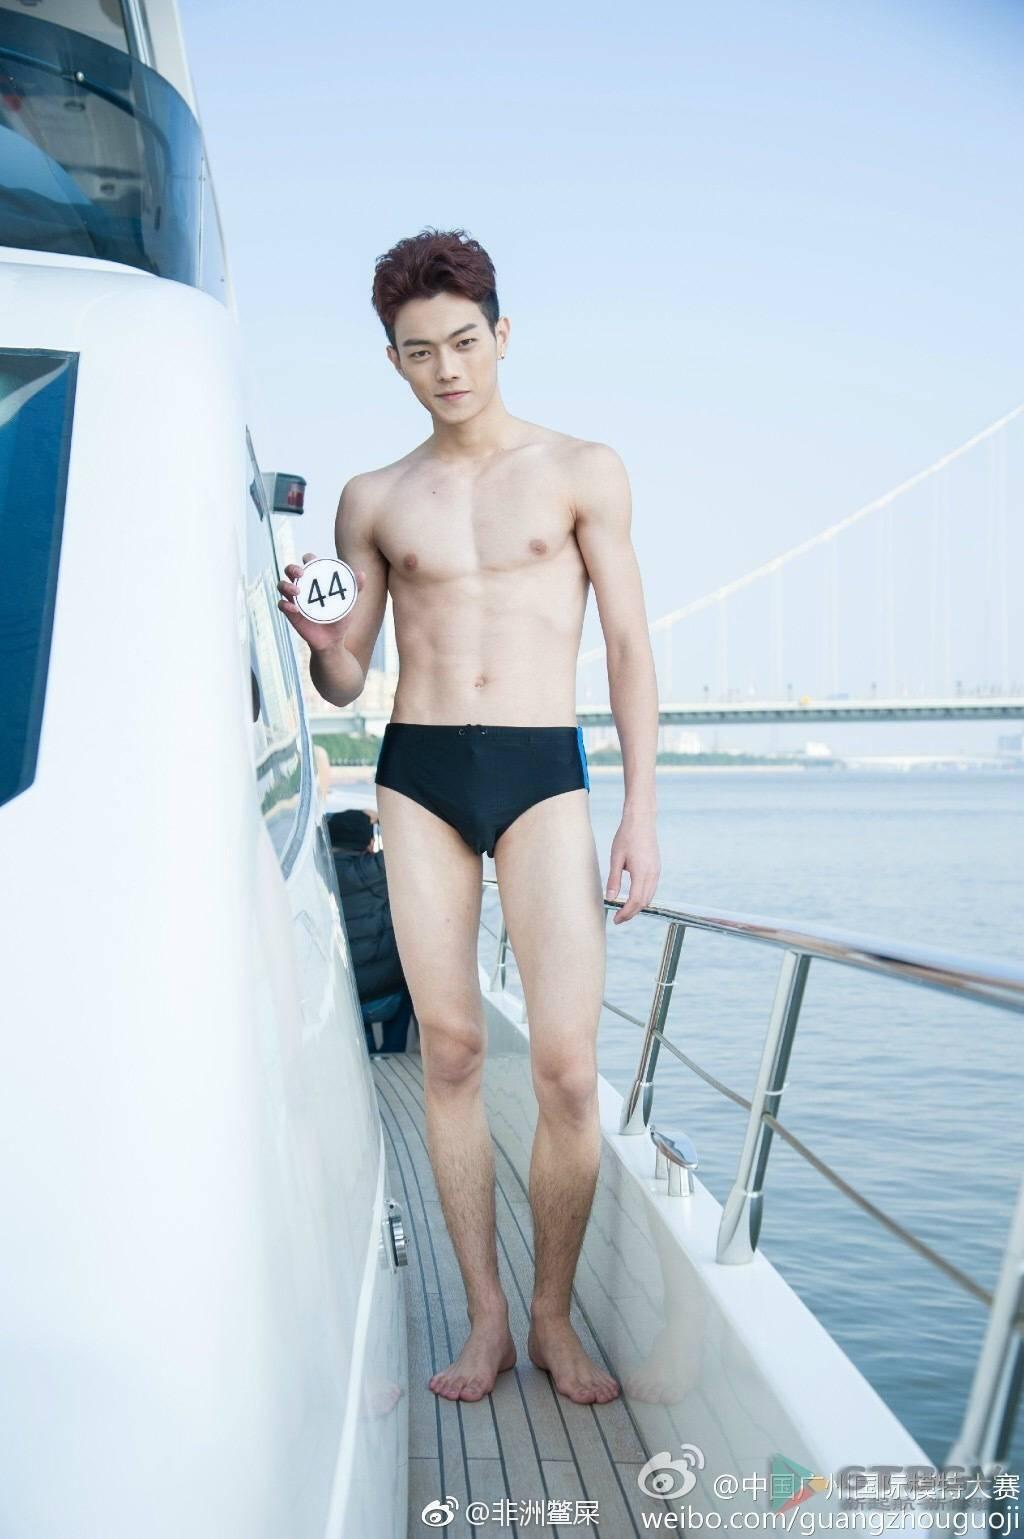 許凱過去模特兒選拔賽的泳褲照曝光。圖/摘自微博